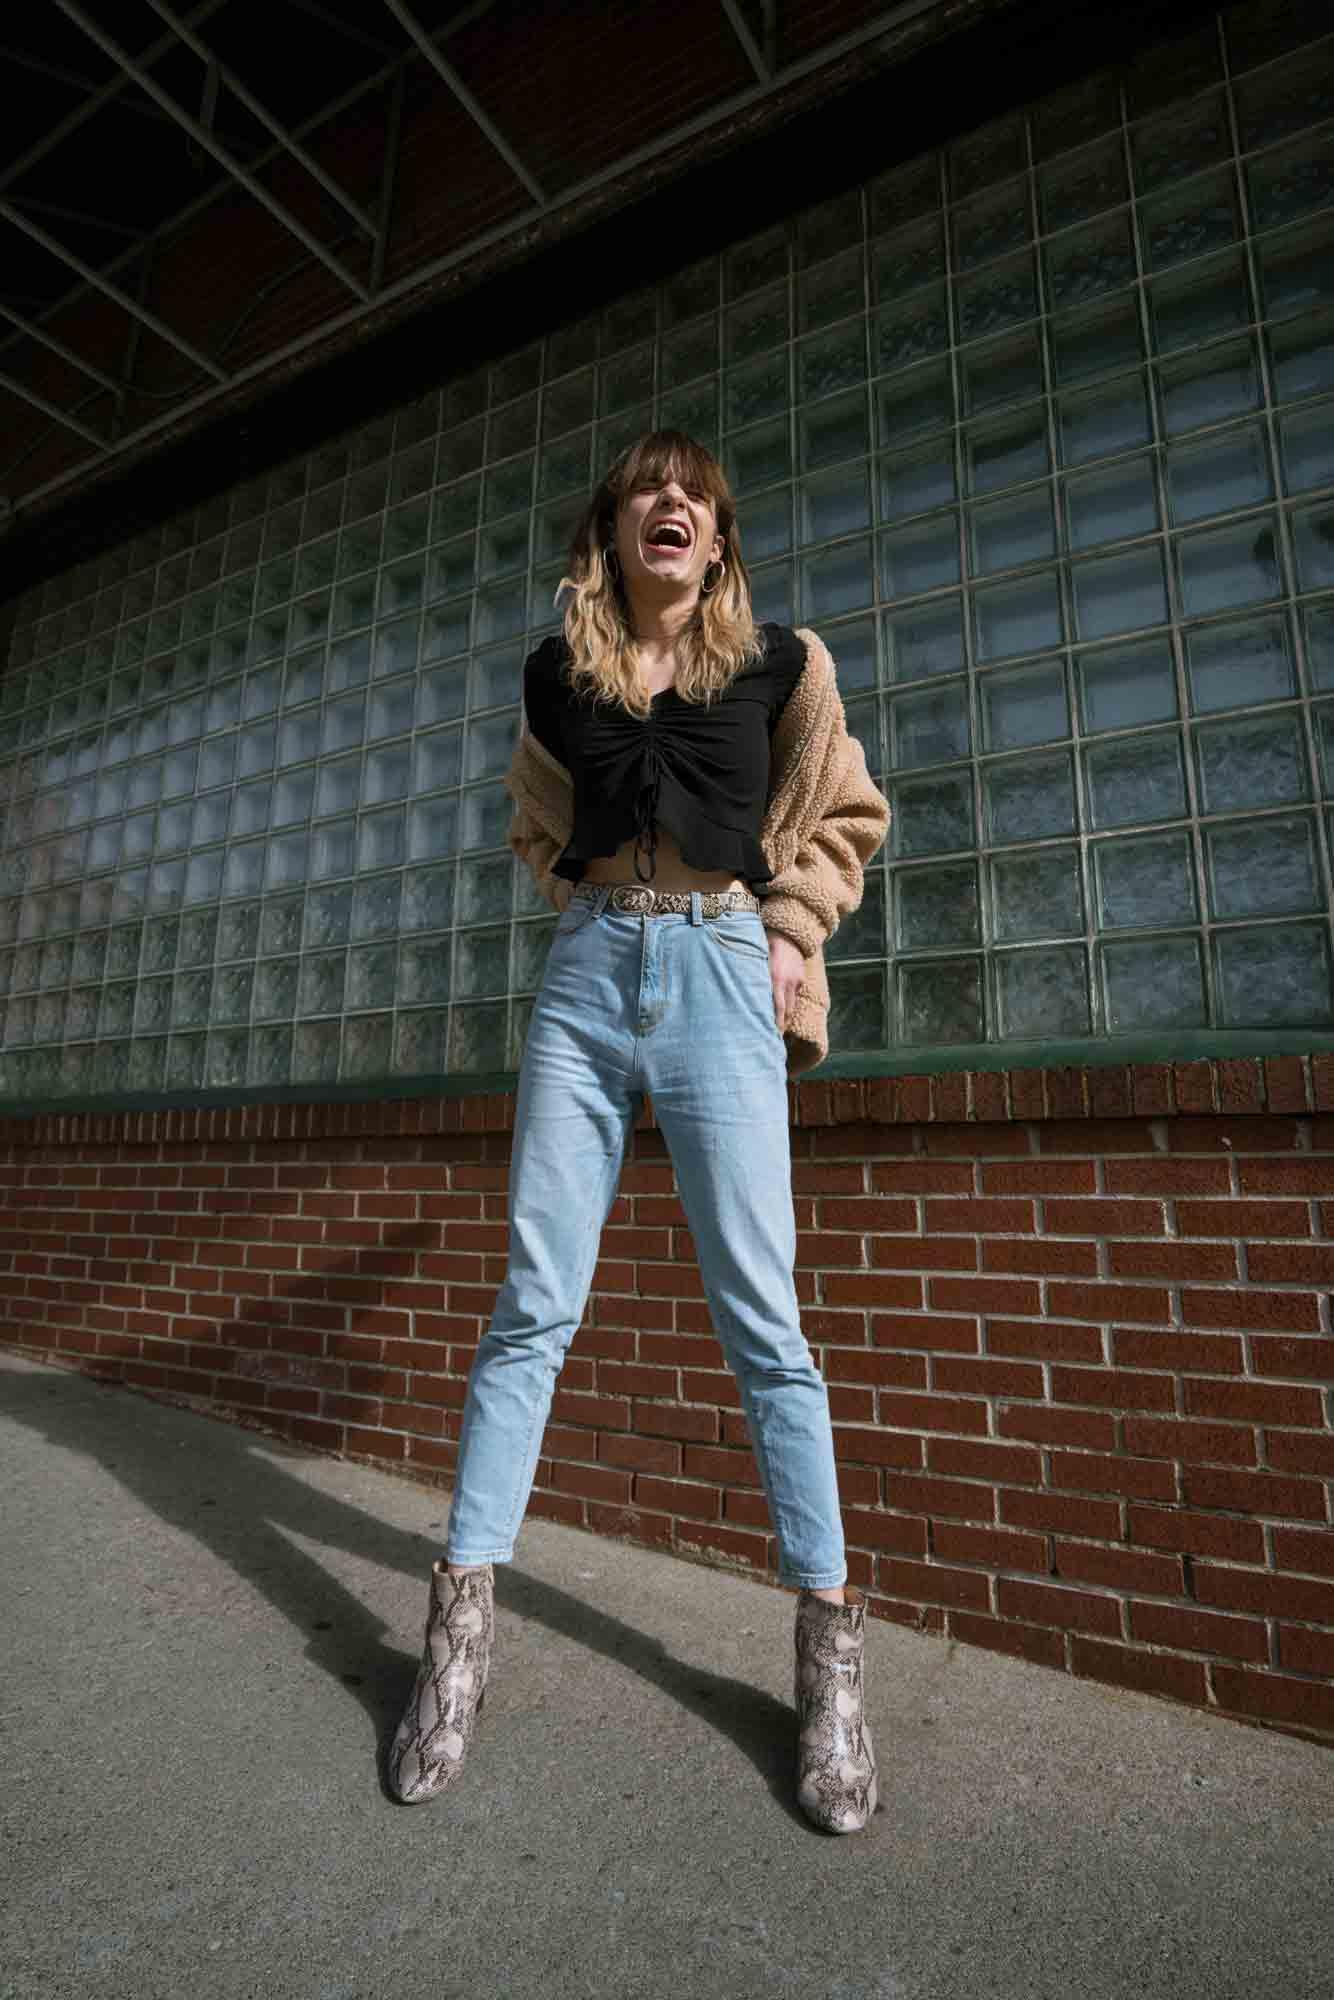 Ryan Duquette prides herself in her unique fashion sense.